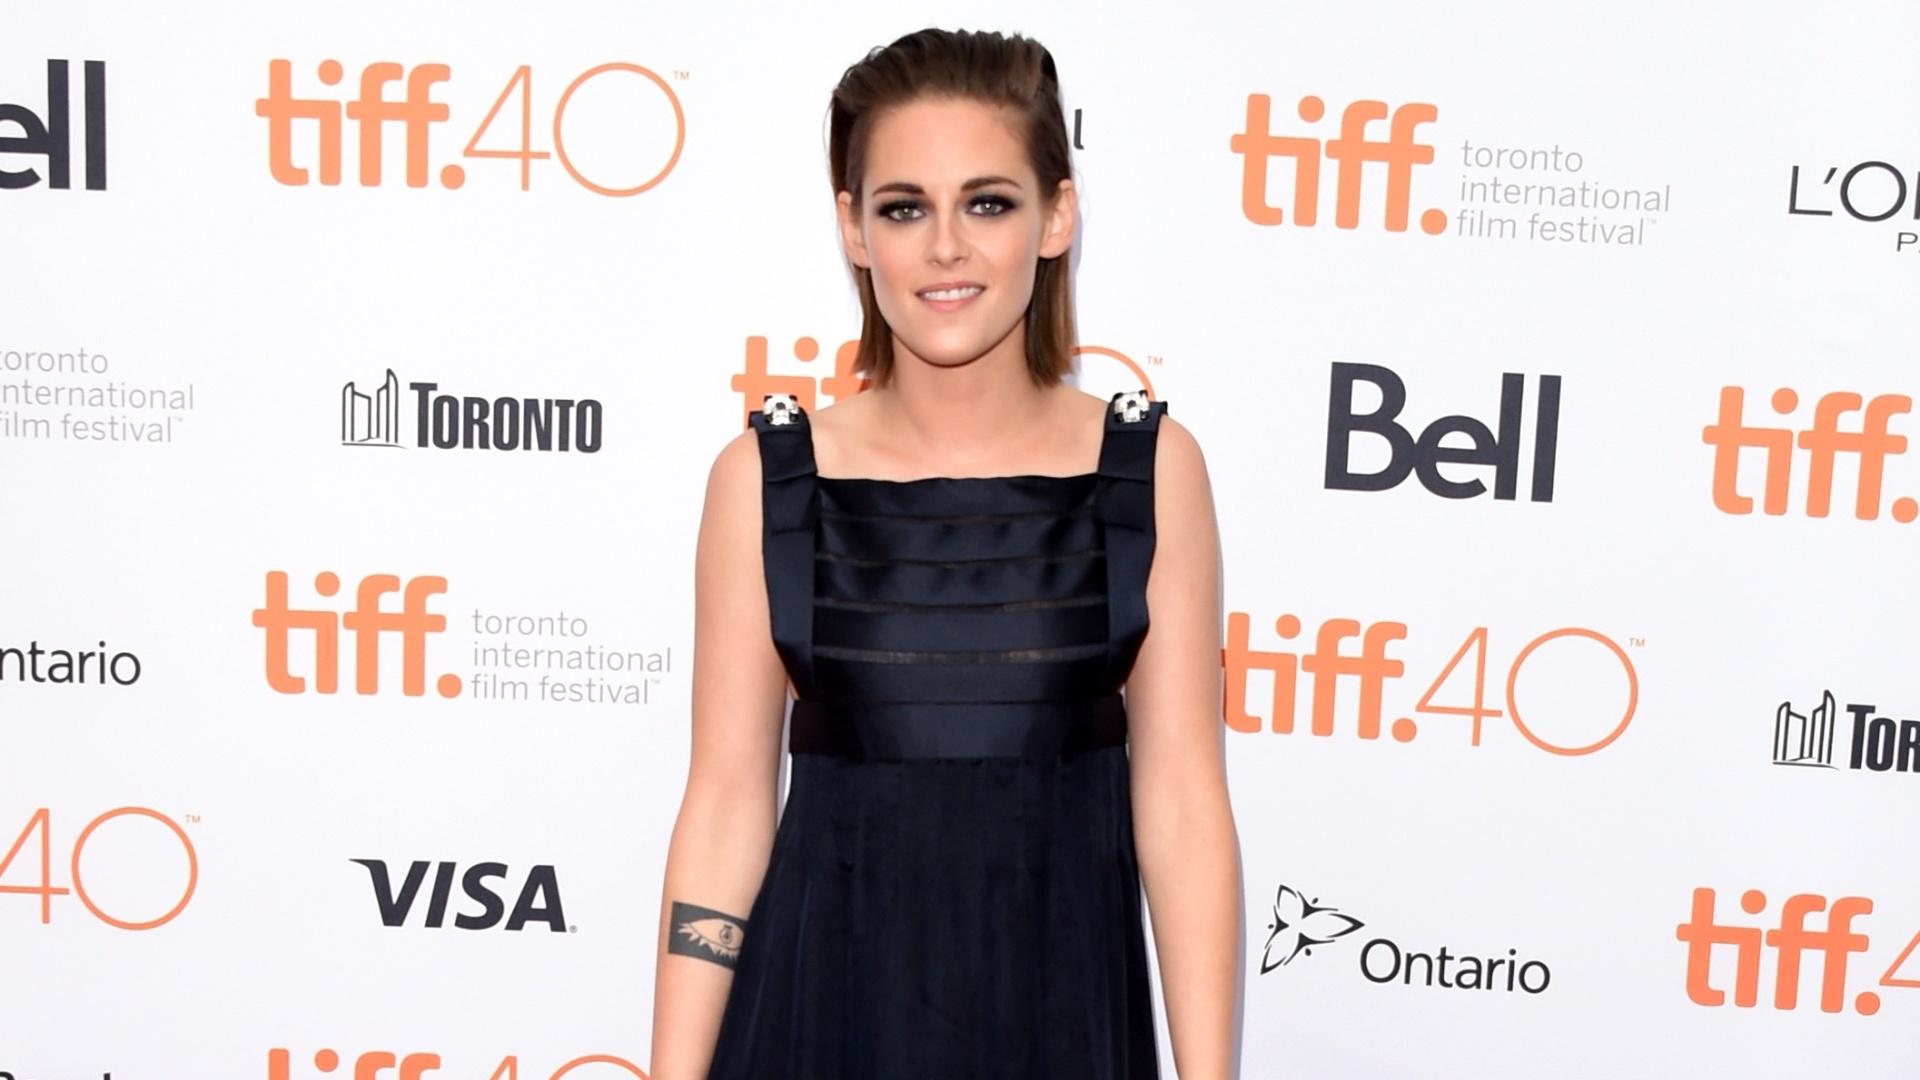 13.set.2015 - A atriz Kristen Stewart na premiére de